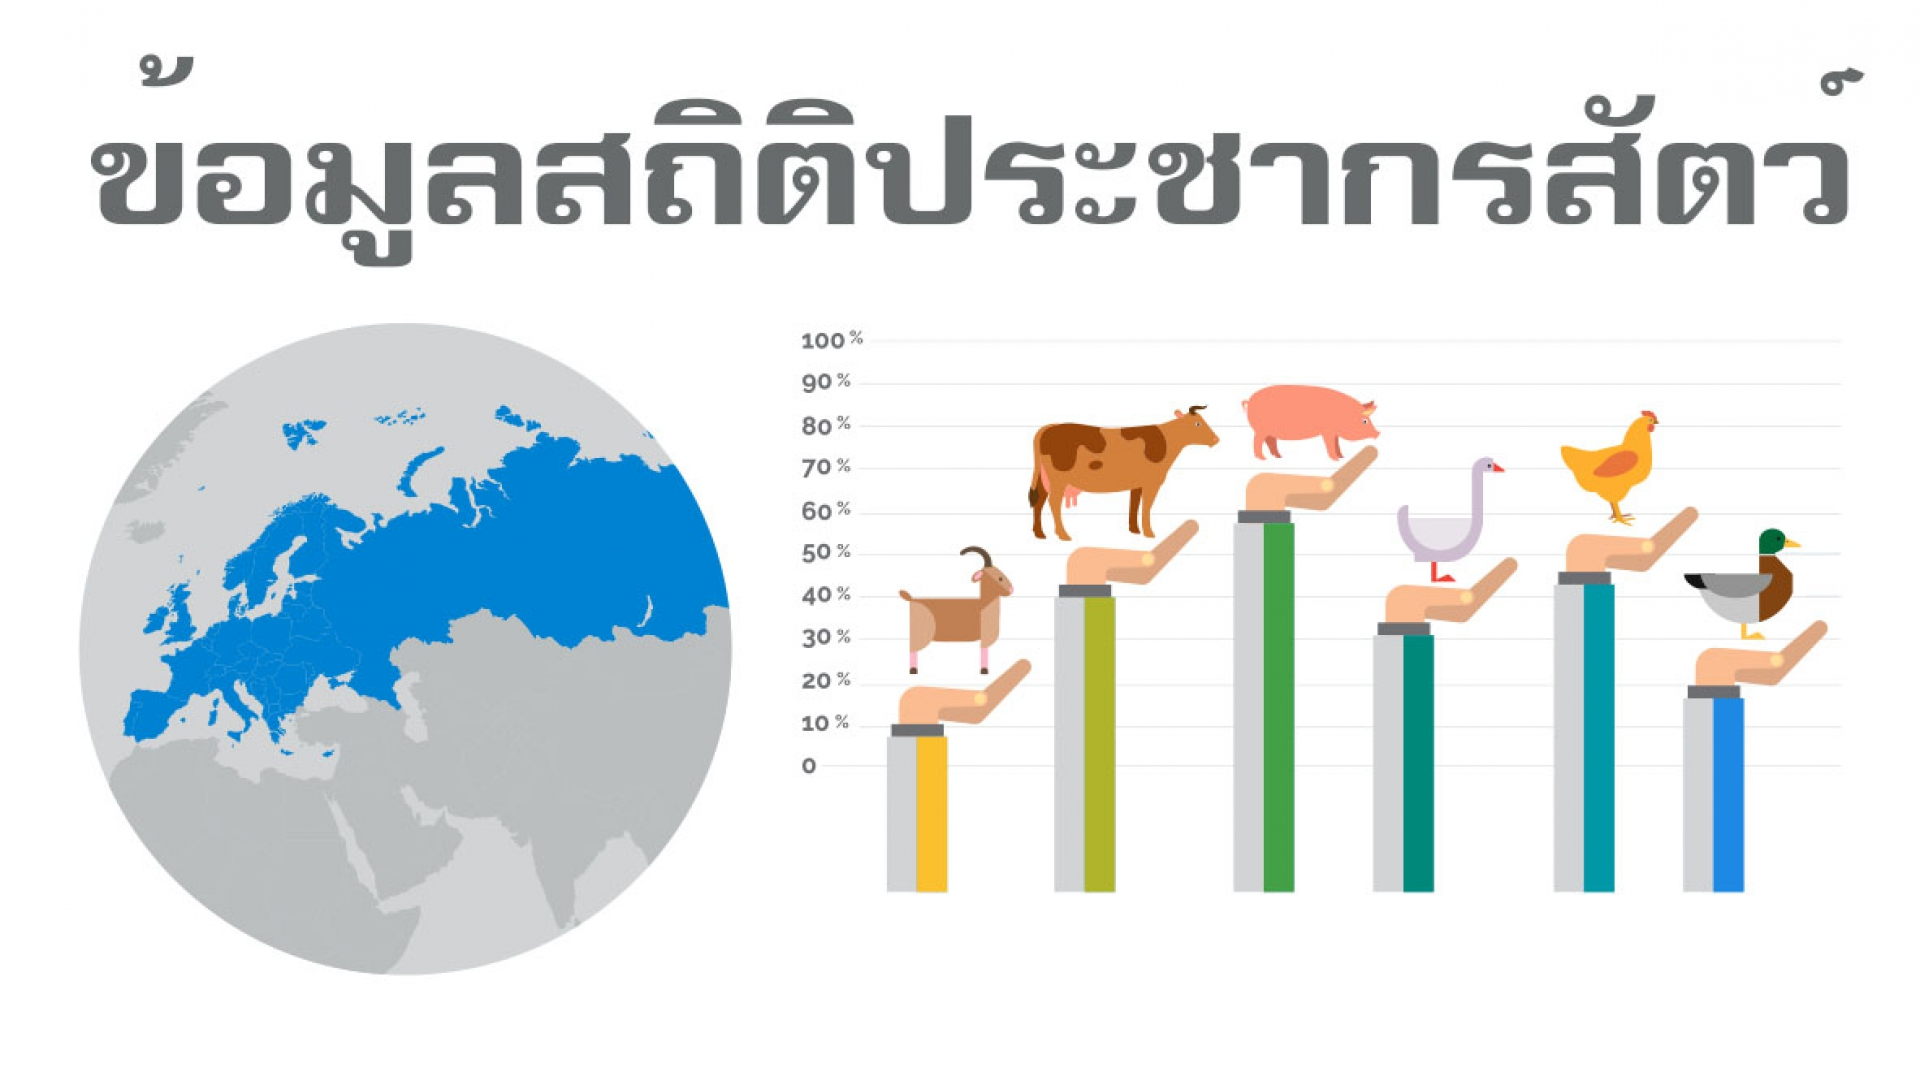 ข้อมูลสถิติเกษตรกรผู้เลี้ยงสัตว์พื้นที่ปศุสัตว์เขต 7